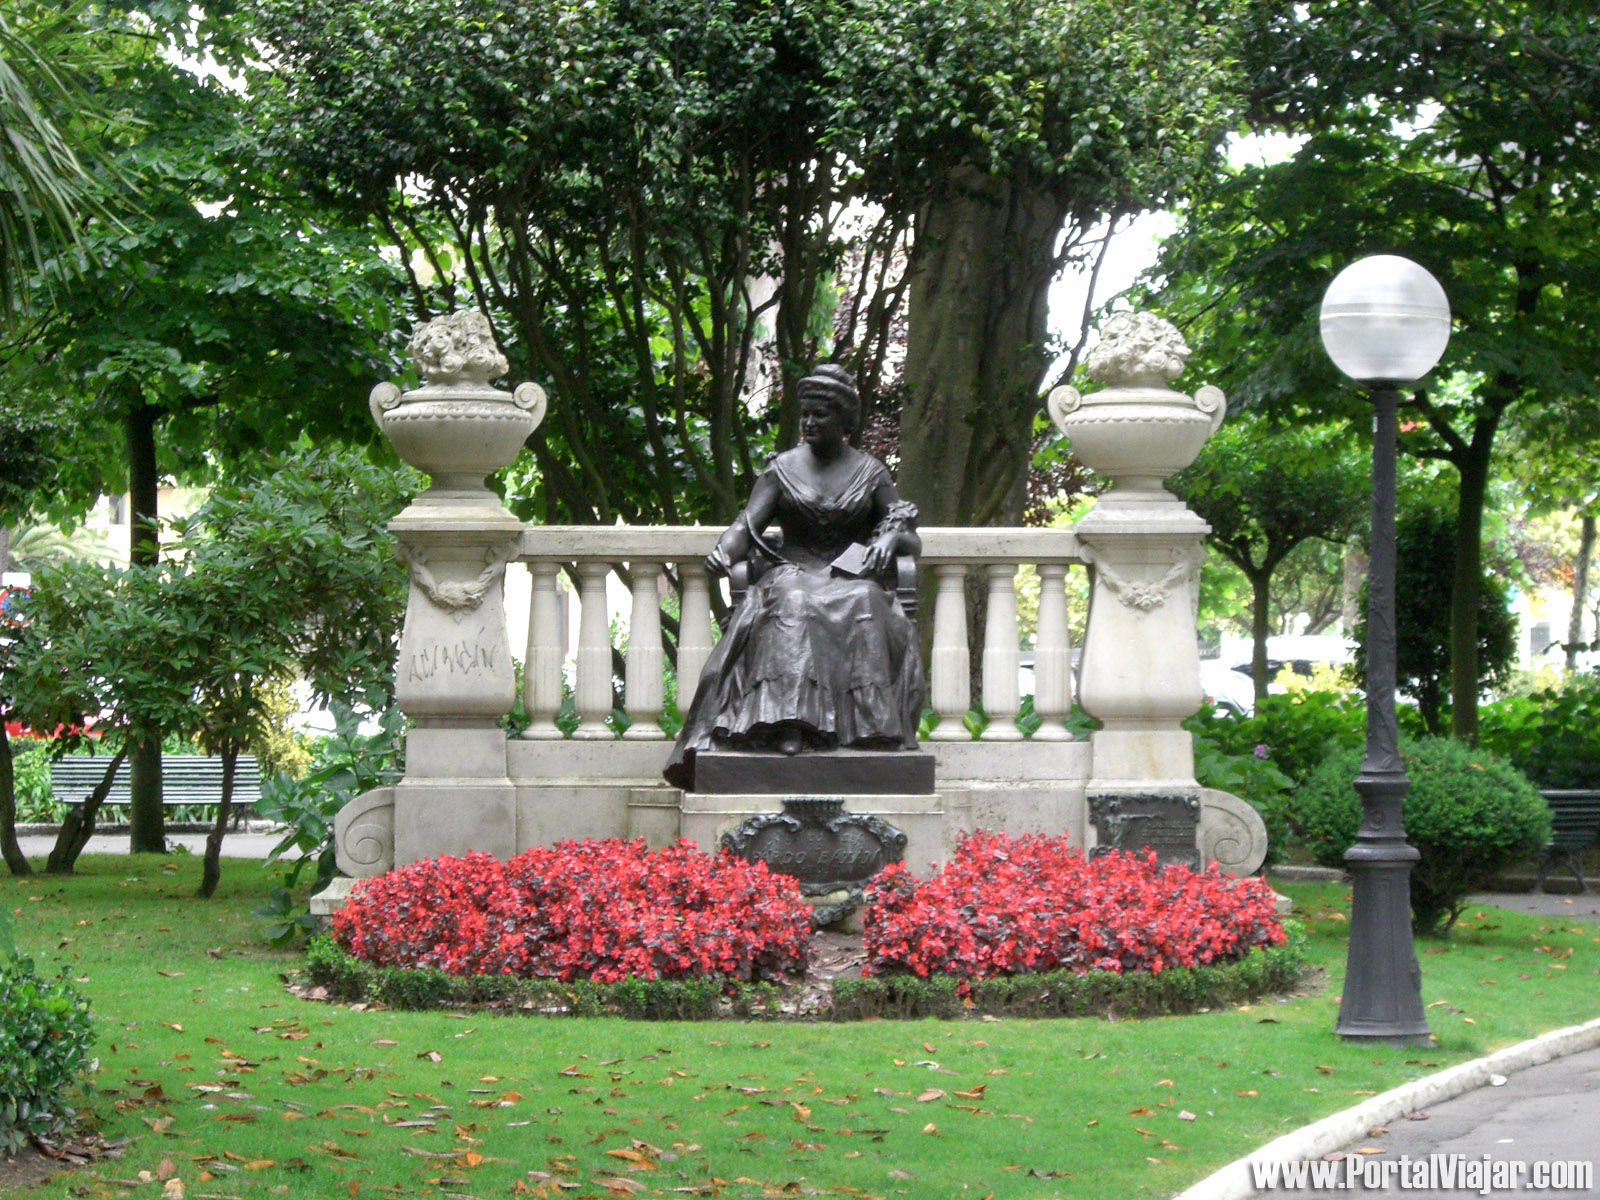 Monumento Emilia Pardo Bazán (Parque de María Pita, A Coruña)